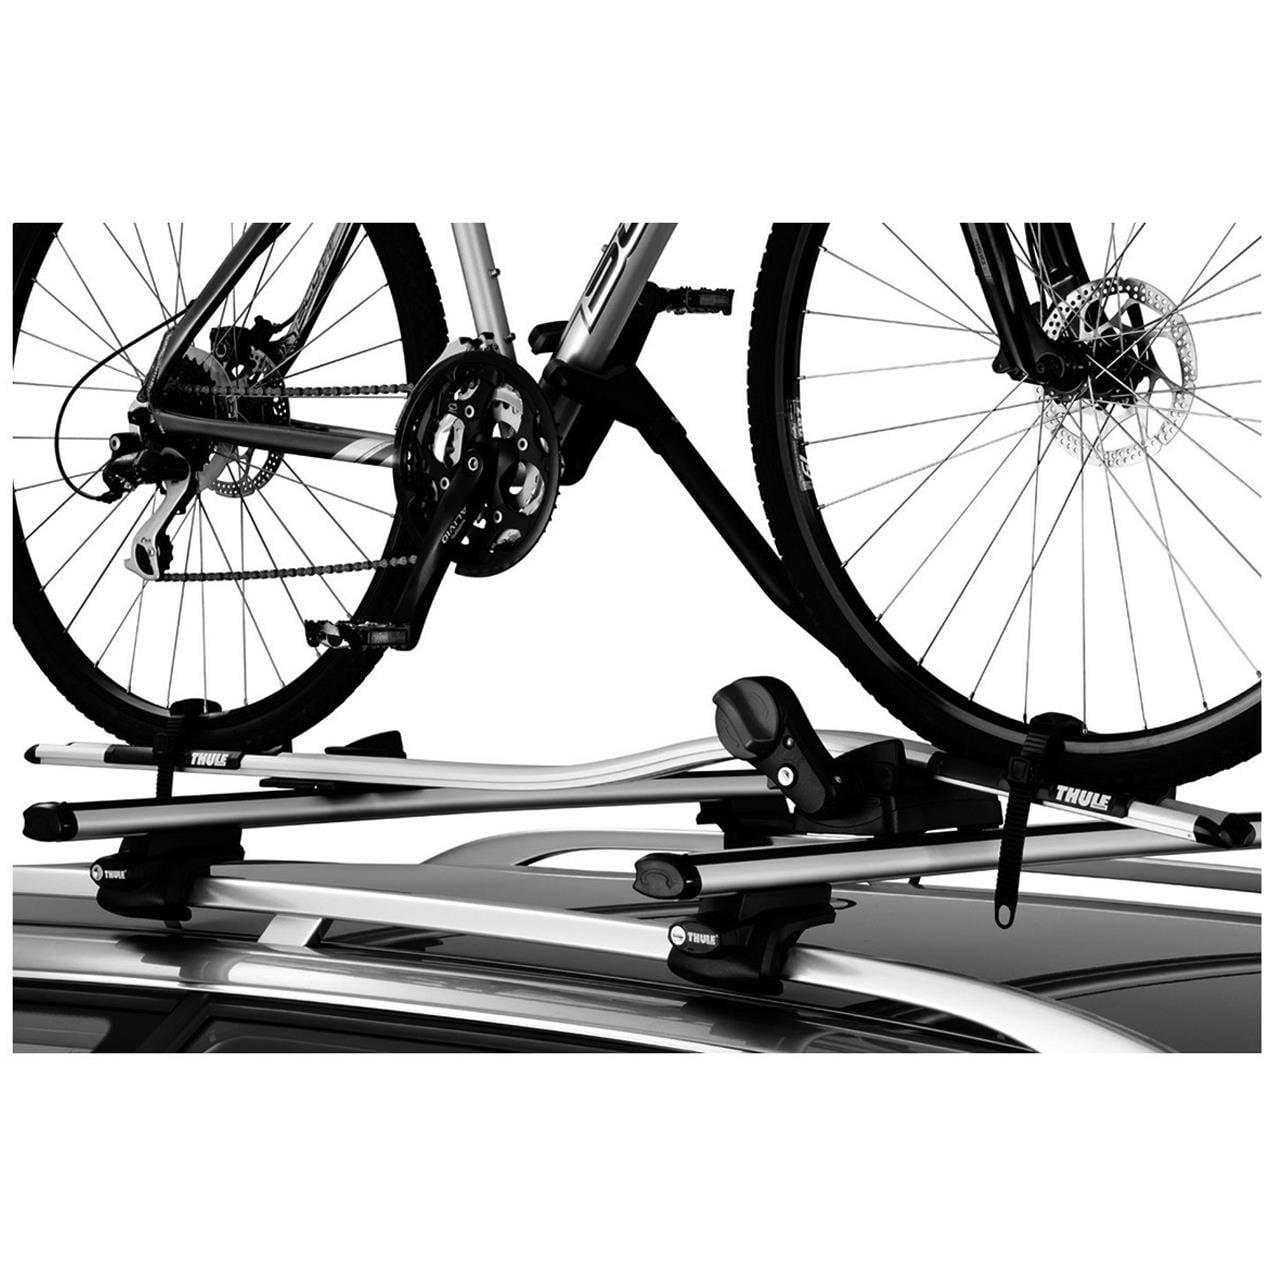 Suport bicicleta Thule ProRide 591 Argintiu cu prindere pe bare transversale 2 bucati in pachet 3